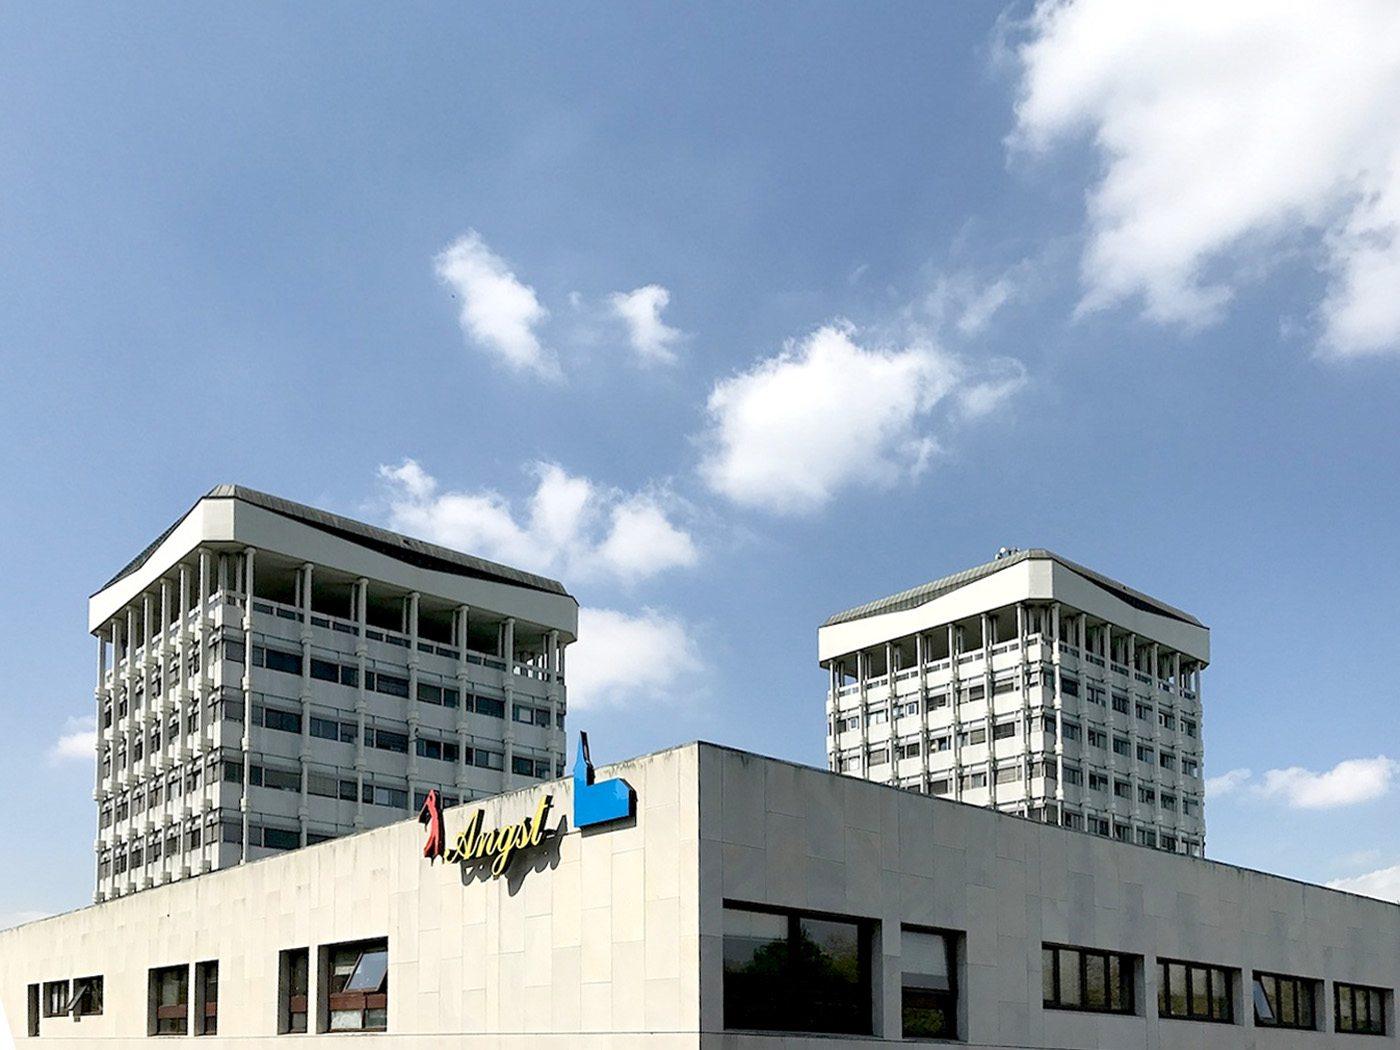 Rathaus Marl. Die Türme waren aufgrund ihrer Hängekonstruktion eine architektonische Neuheit und waren die ersten Hängehochhäuser der Bundesrepublik Deutschland.